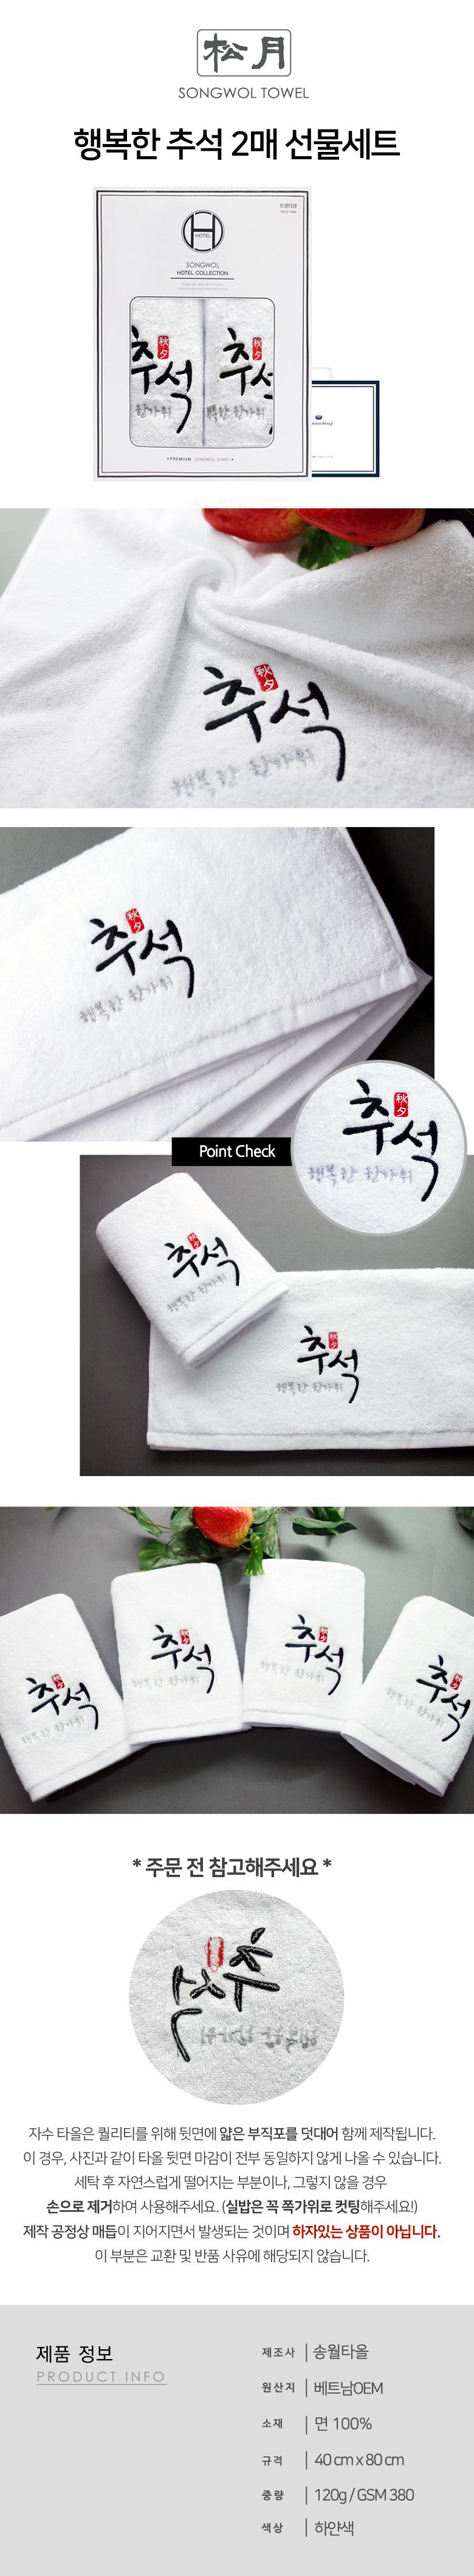 행복한추석 2매 선물세트+쇼핑백 - 송월타올, 6,200원, 수건/타올, 세면타올